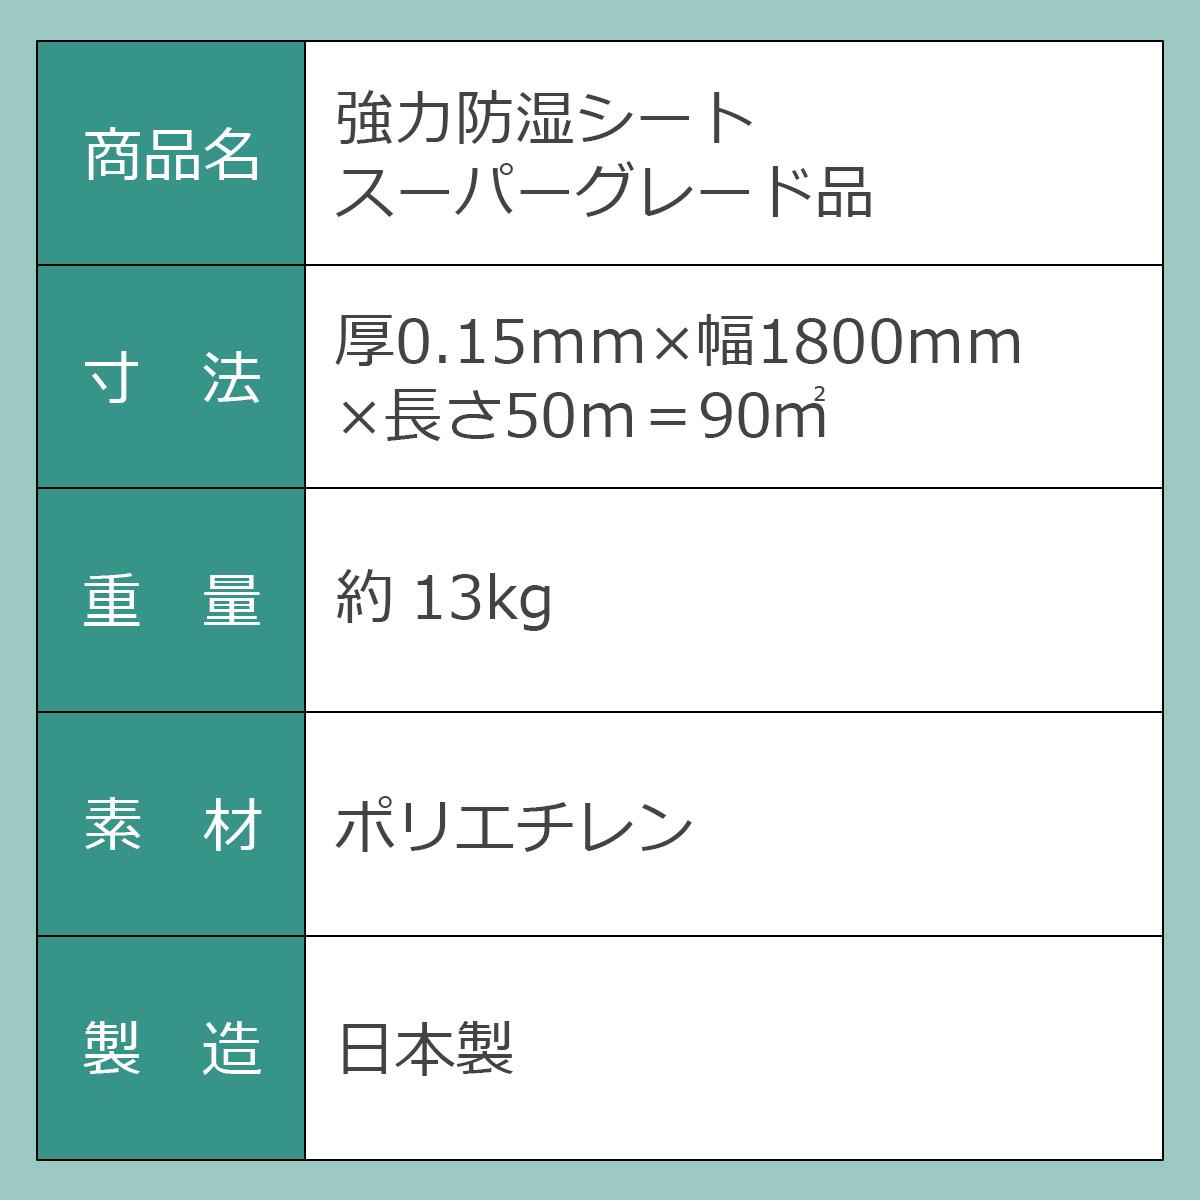 商品名:強力防湿シート スーパーグレード品 寸法:厚0.15ミリ×幅1800ミリ×長さ50メートル=90平方メートル 重量:約13kg 素材:ポリエチレン 製造:日本製